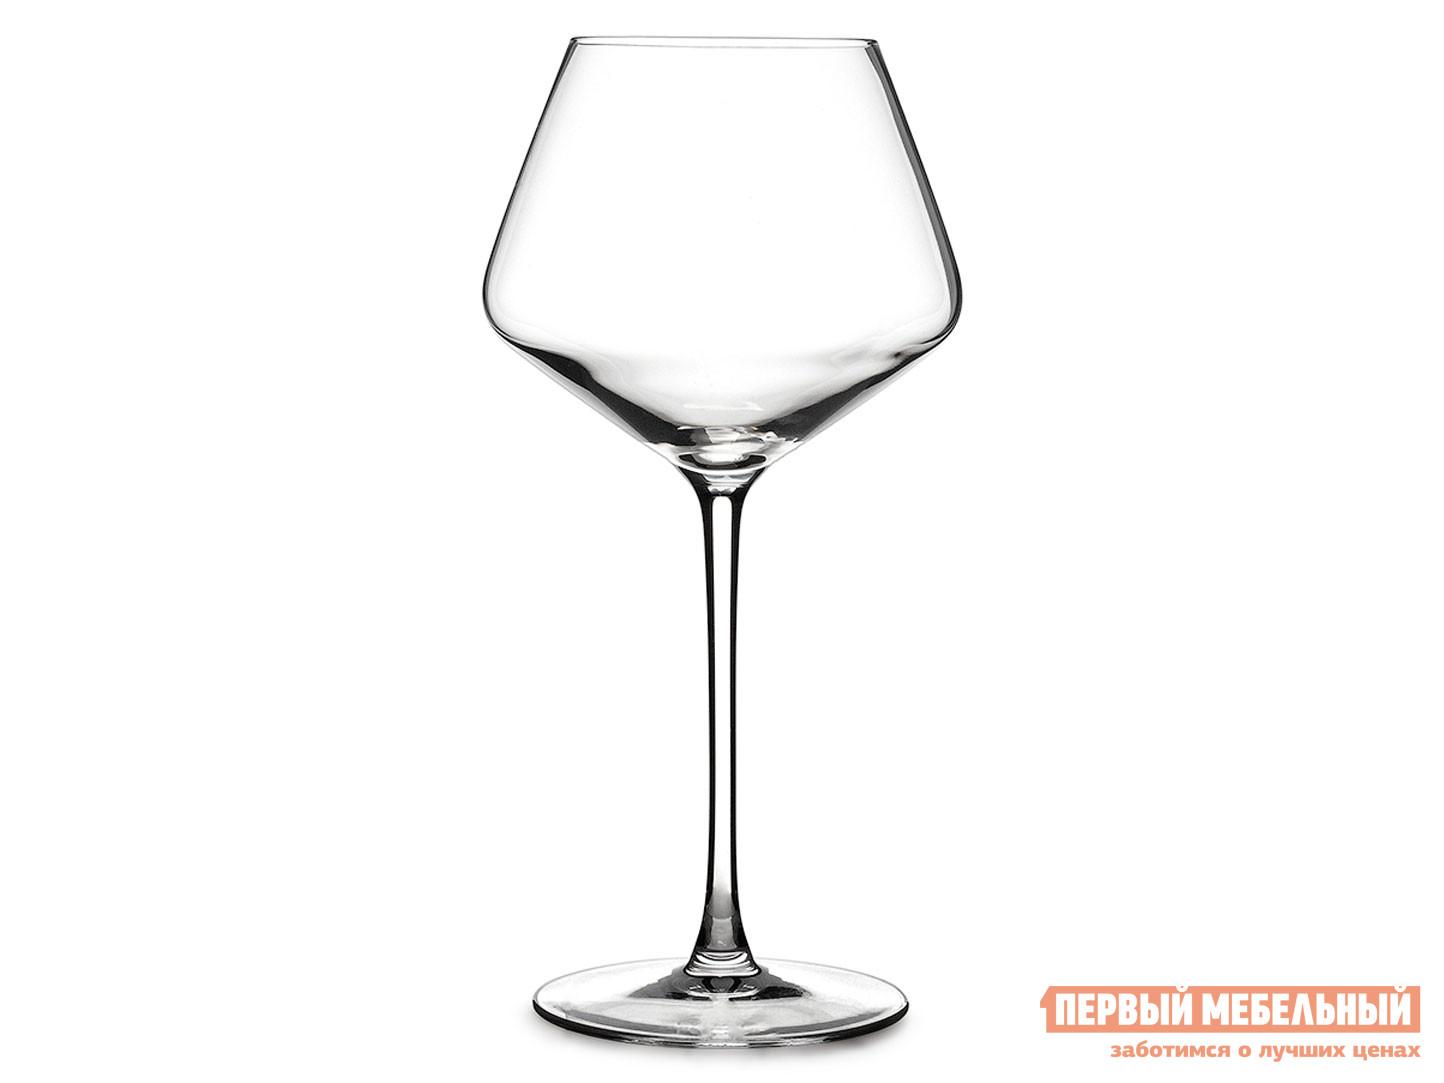 Набор бокалов Первый Мебельный Набор фужеров (бокалов) для вина УЛЬТИМ 6шт 520мл недорого